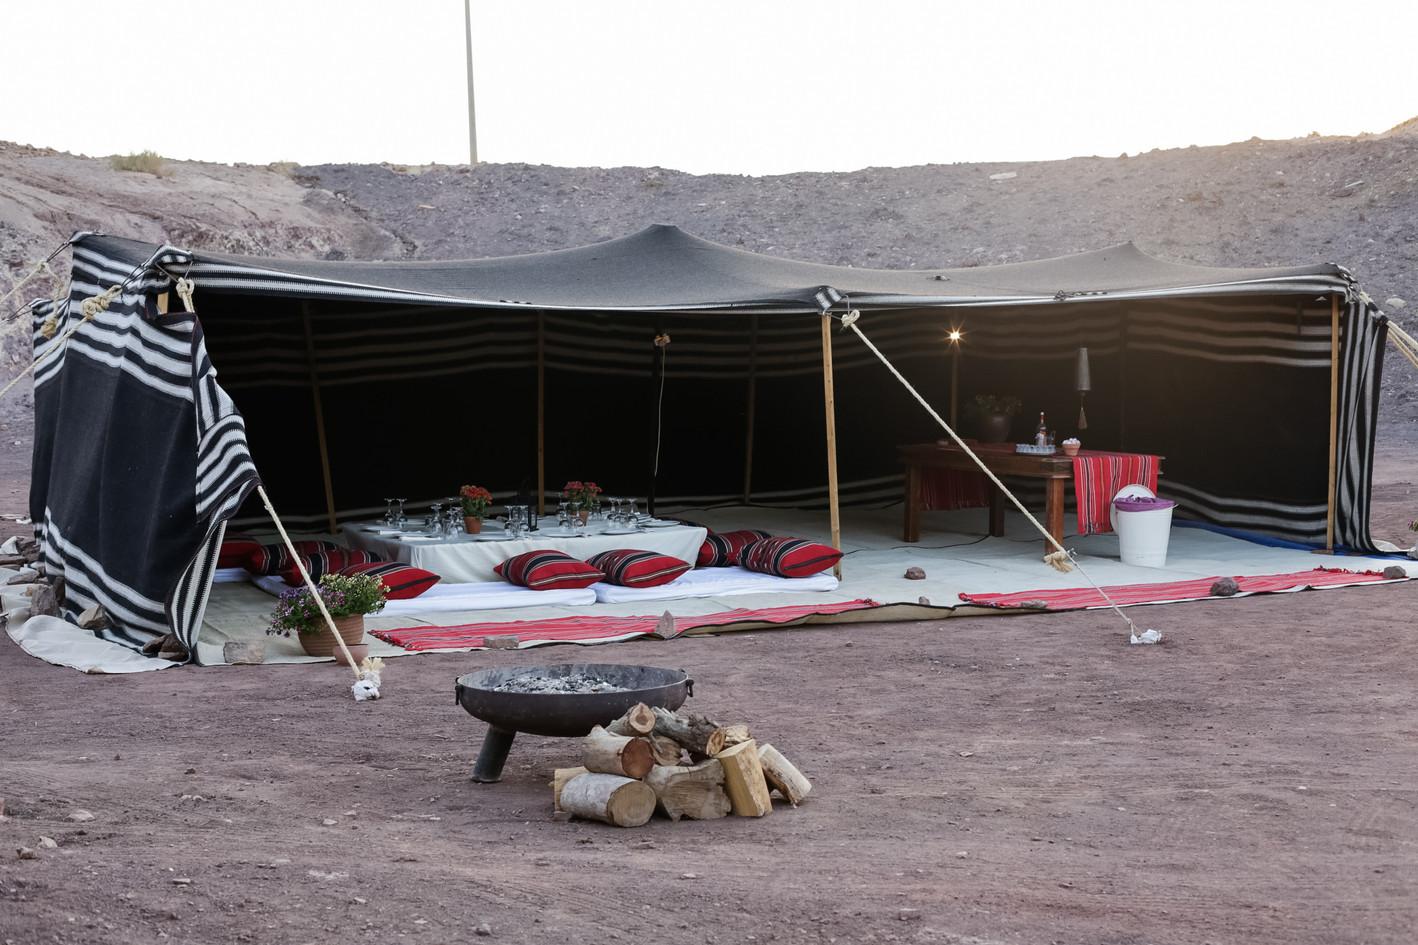 Deluxe Bedouin style desert dinner in a Bedouin tent Israel